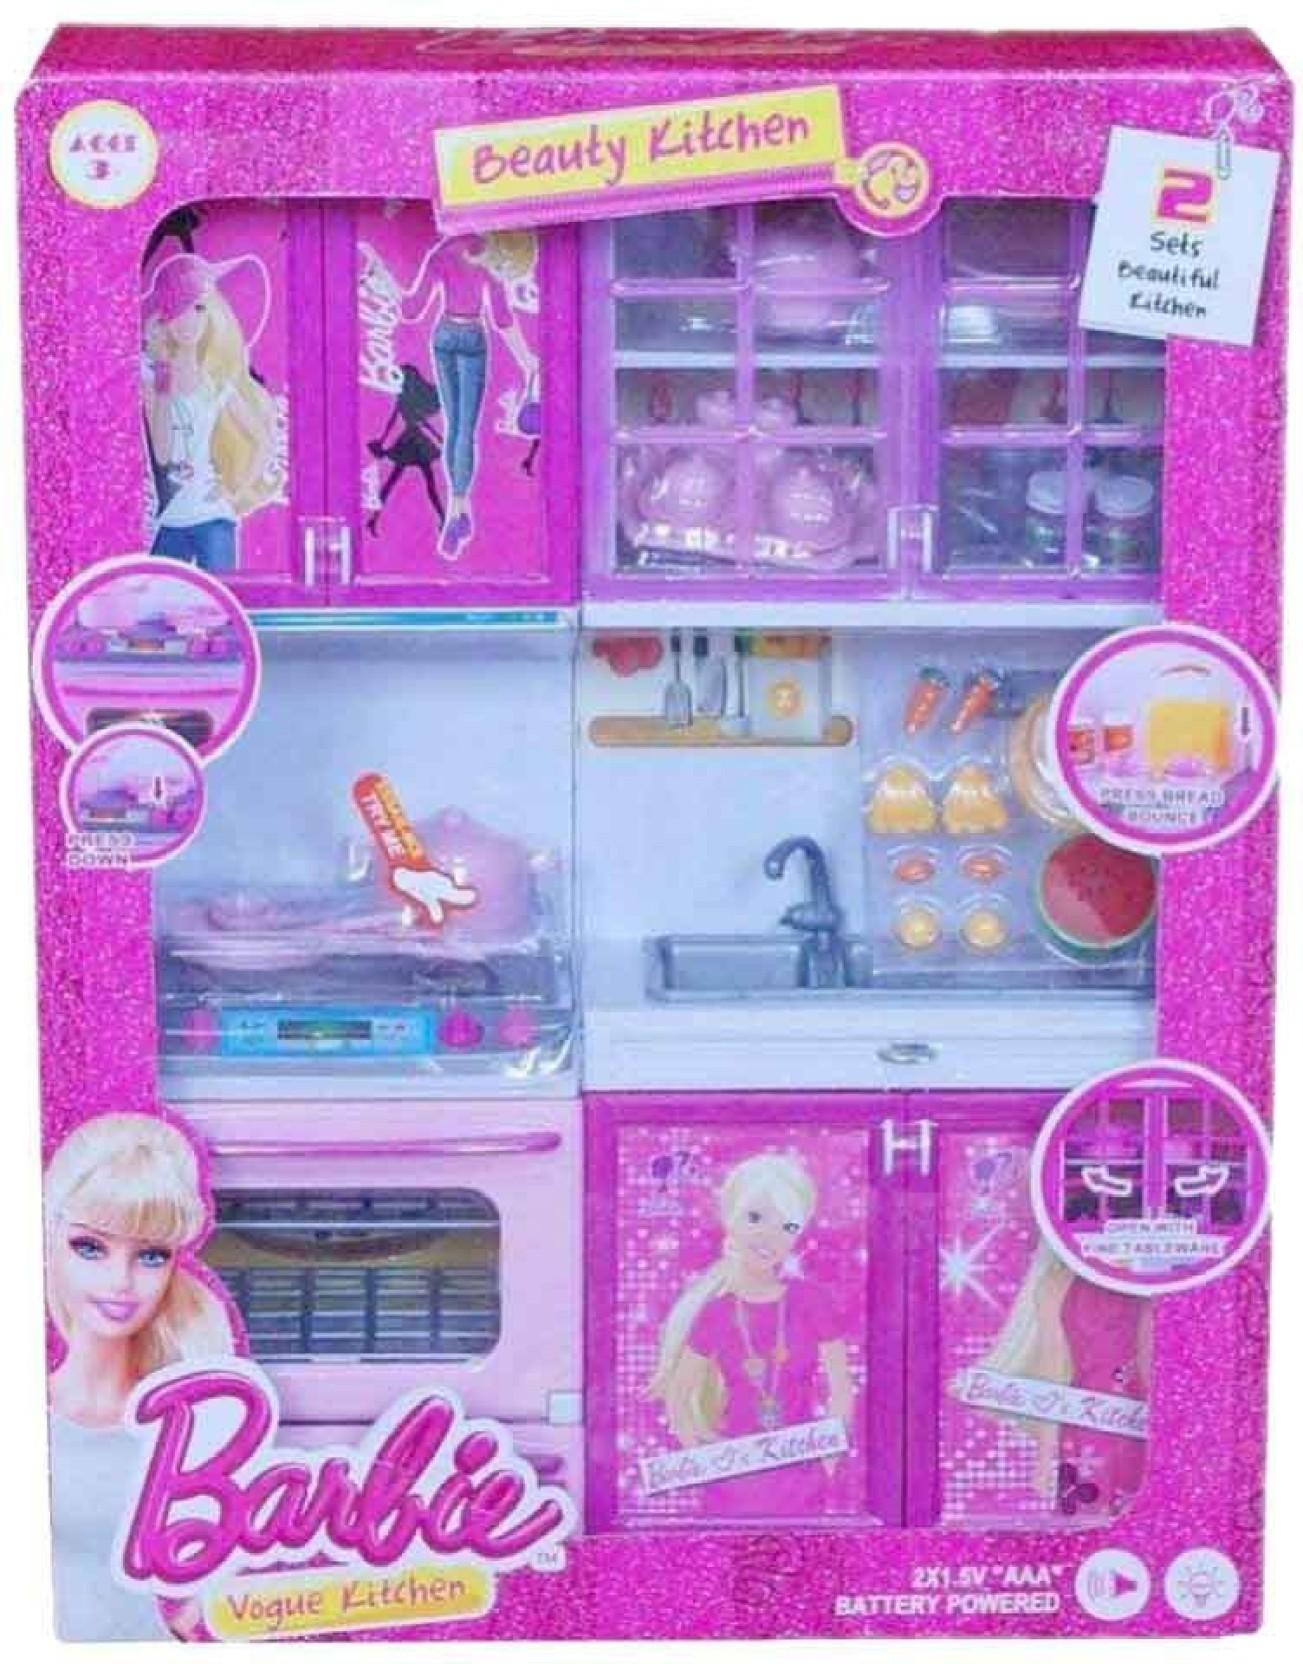 Mk enterprises barbie kitchen set on offer